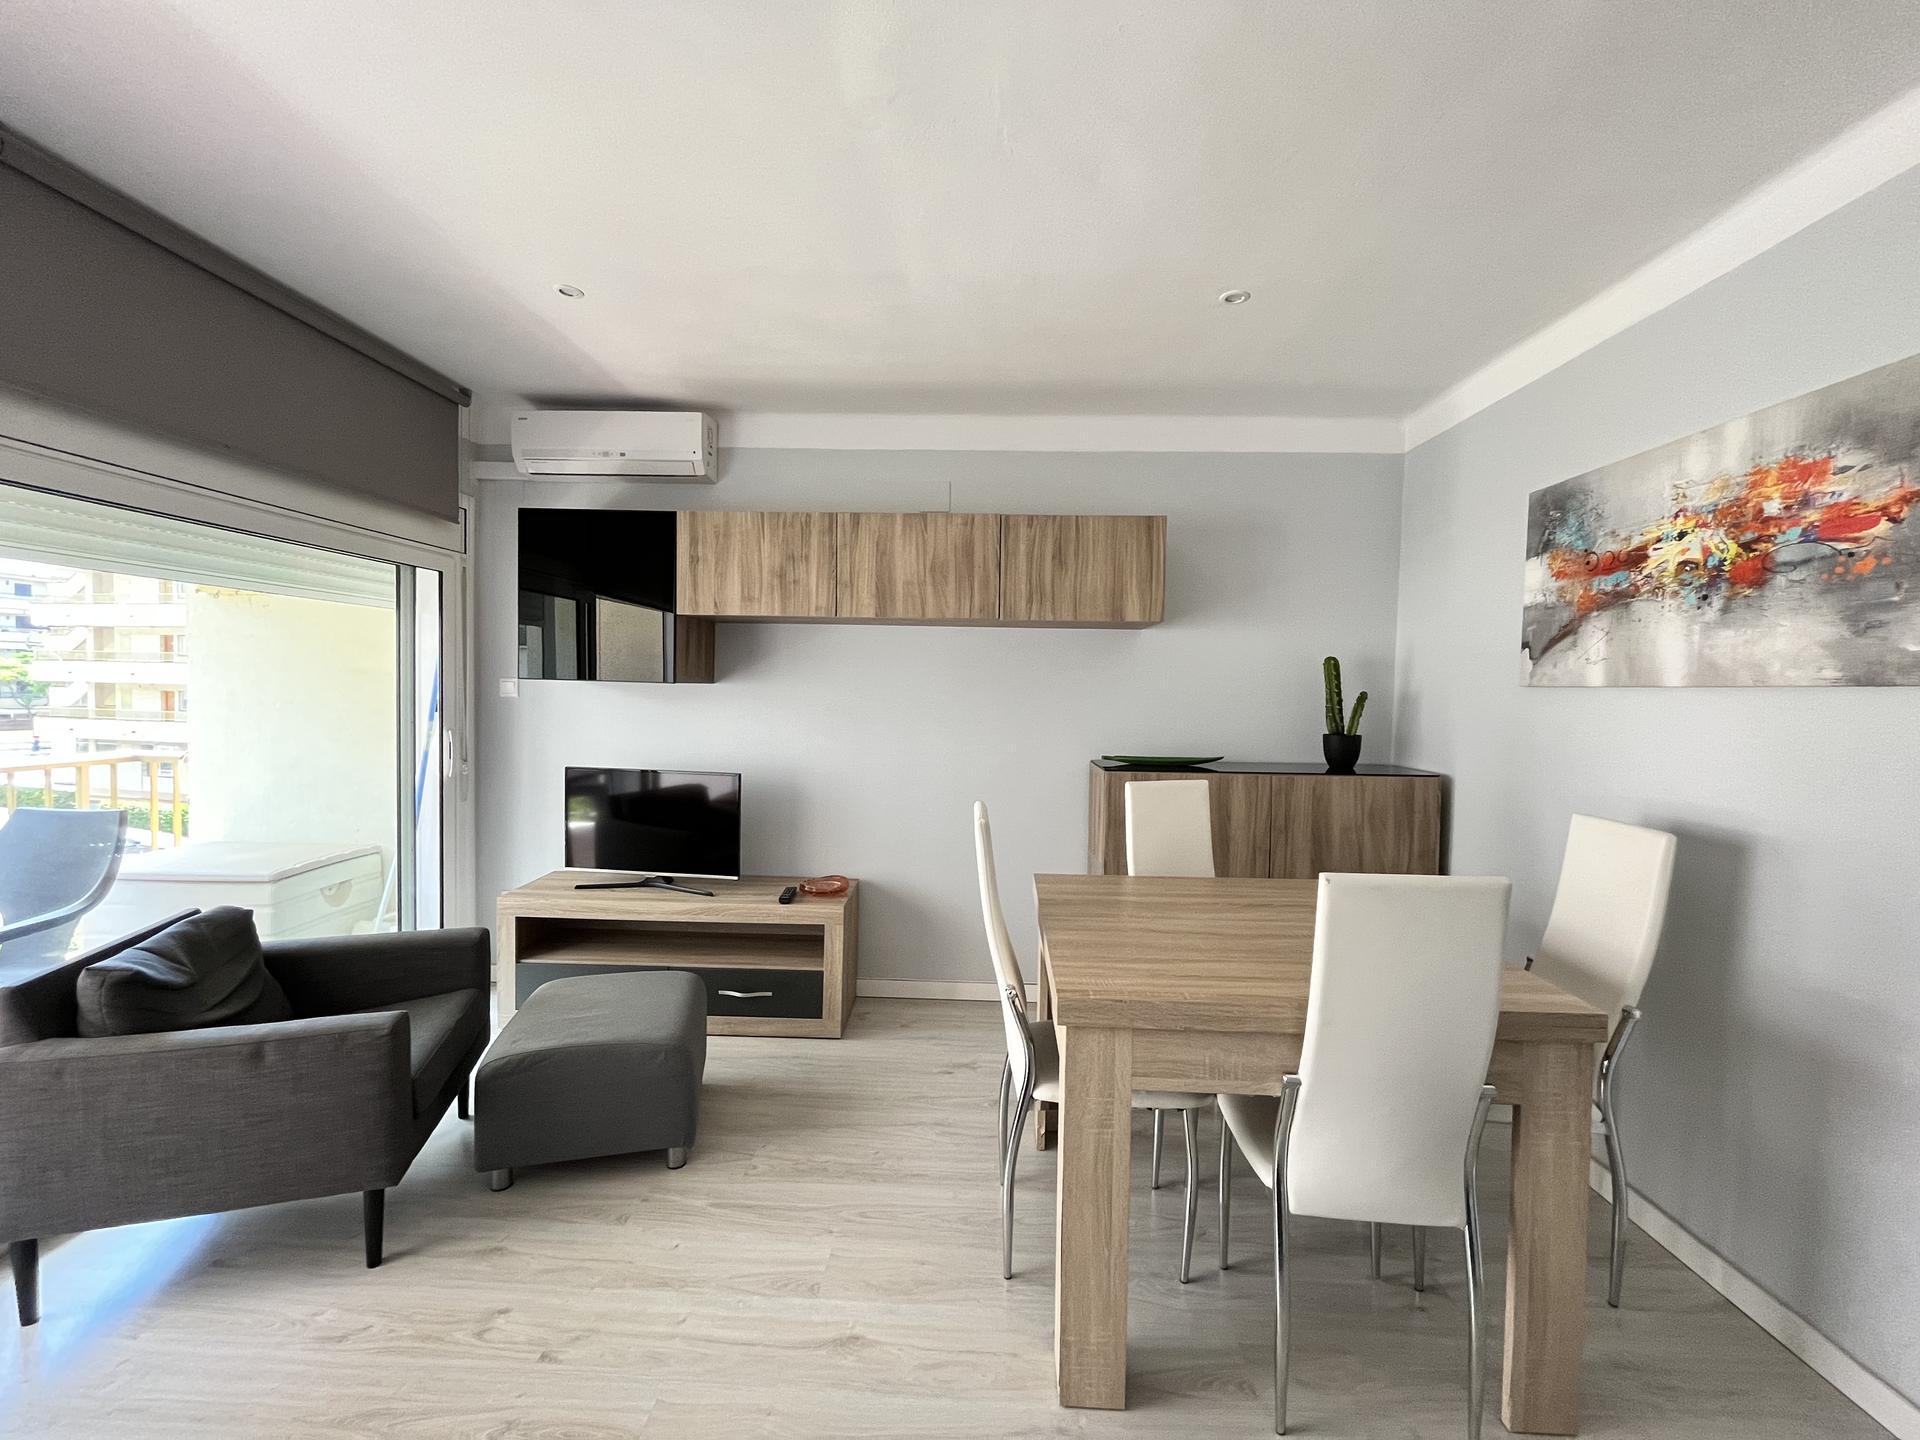 Apartament -                                       Cambrils -                                       2 dormitoris -                                       6 ocupants